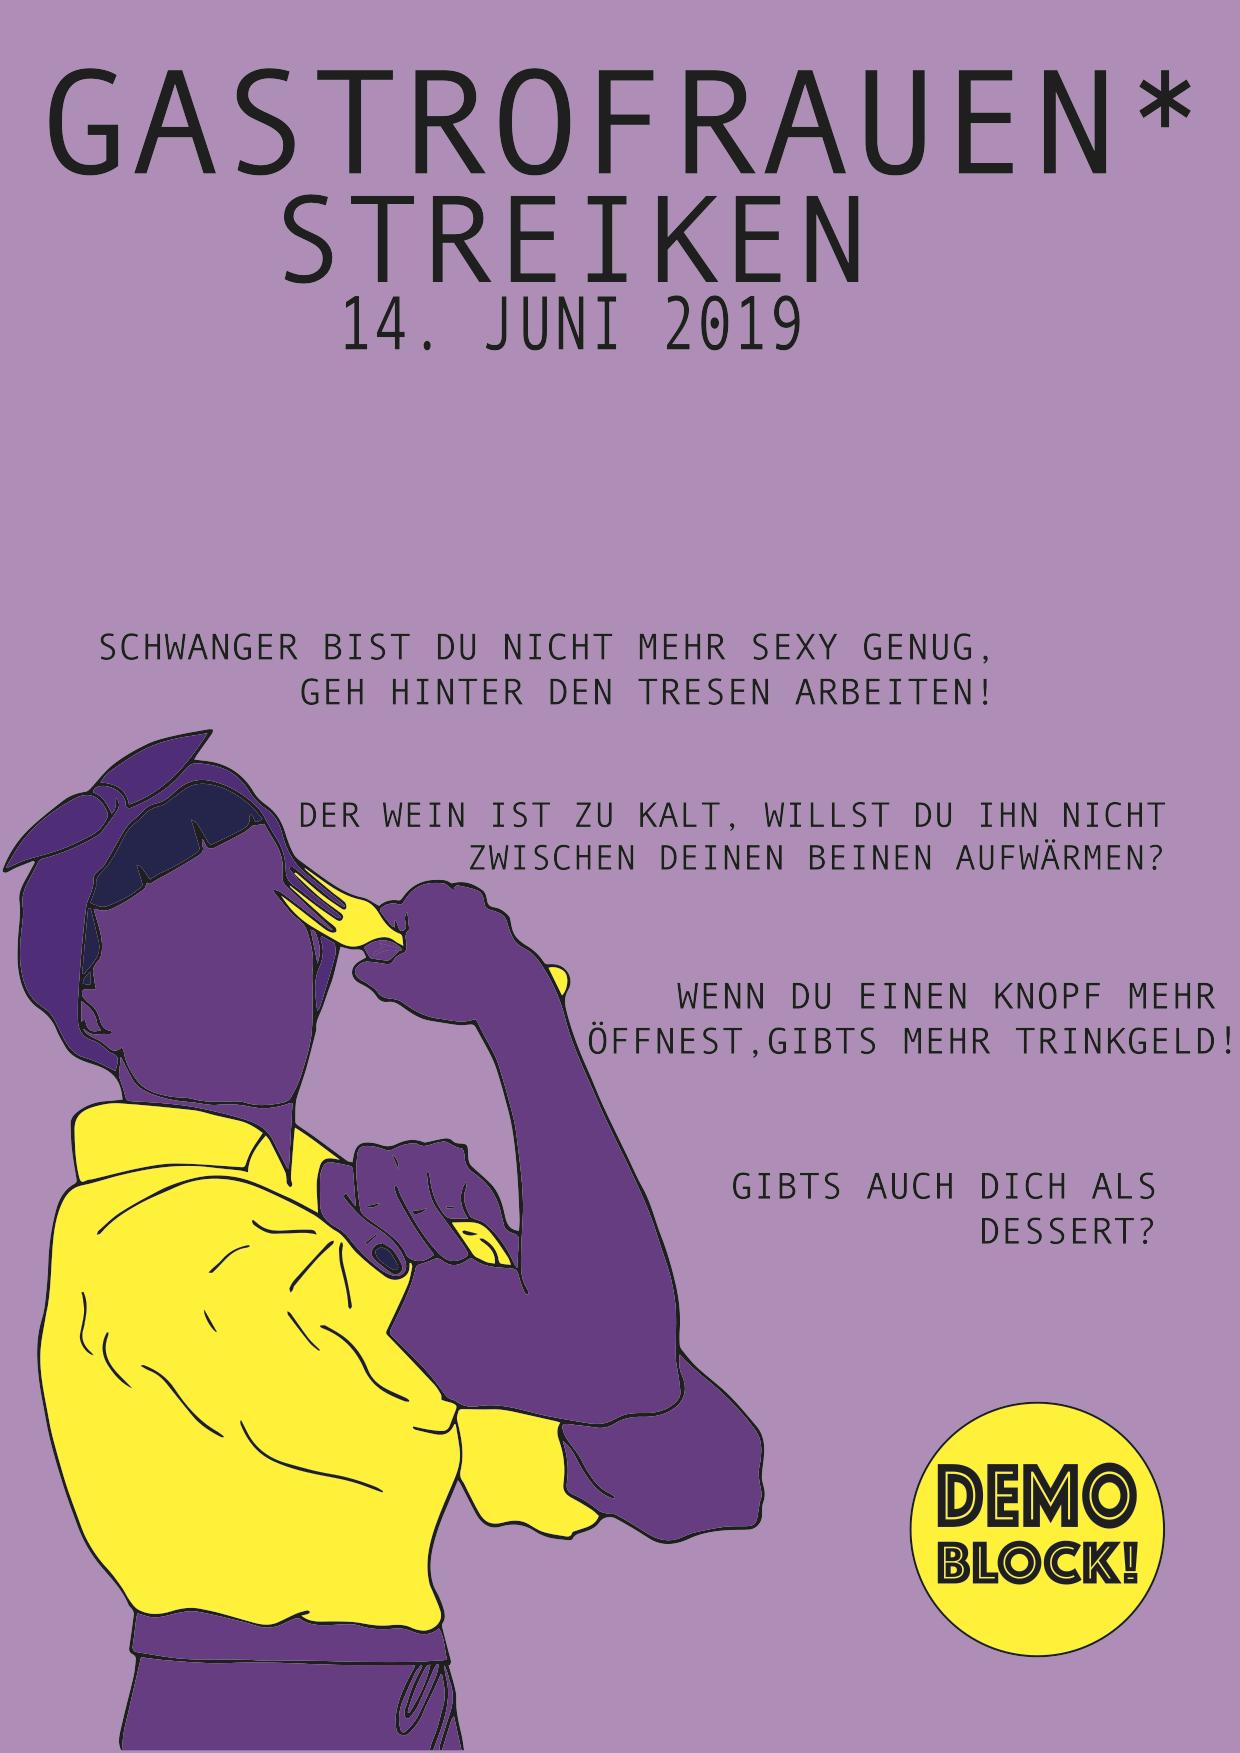 Flyer der Gastra, mit seixistischen Zitaten aus dem Gastronomiealltag und Aufruf zum Gastra-Block an der Demo